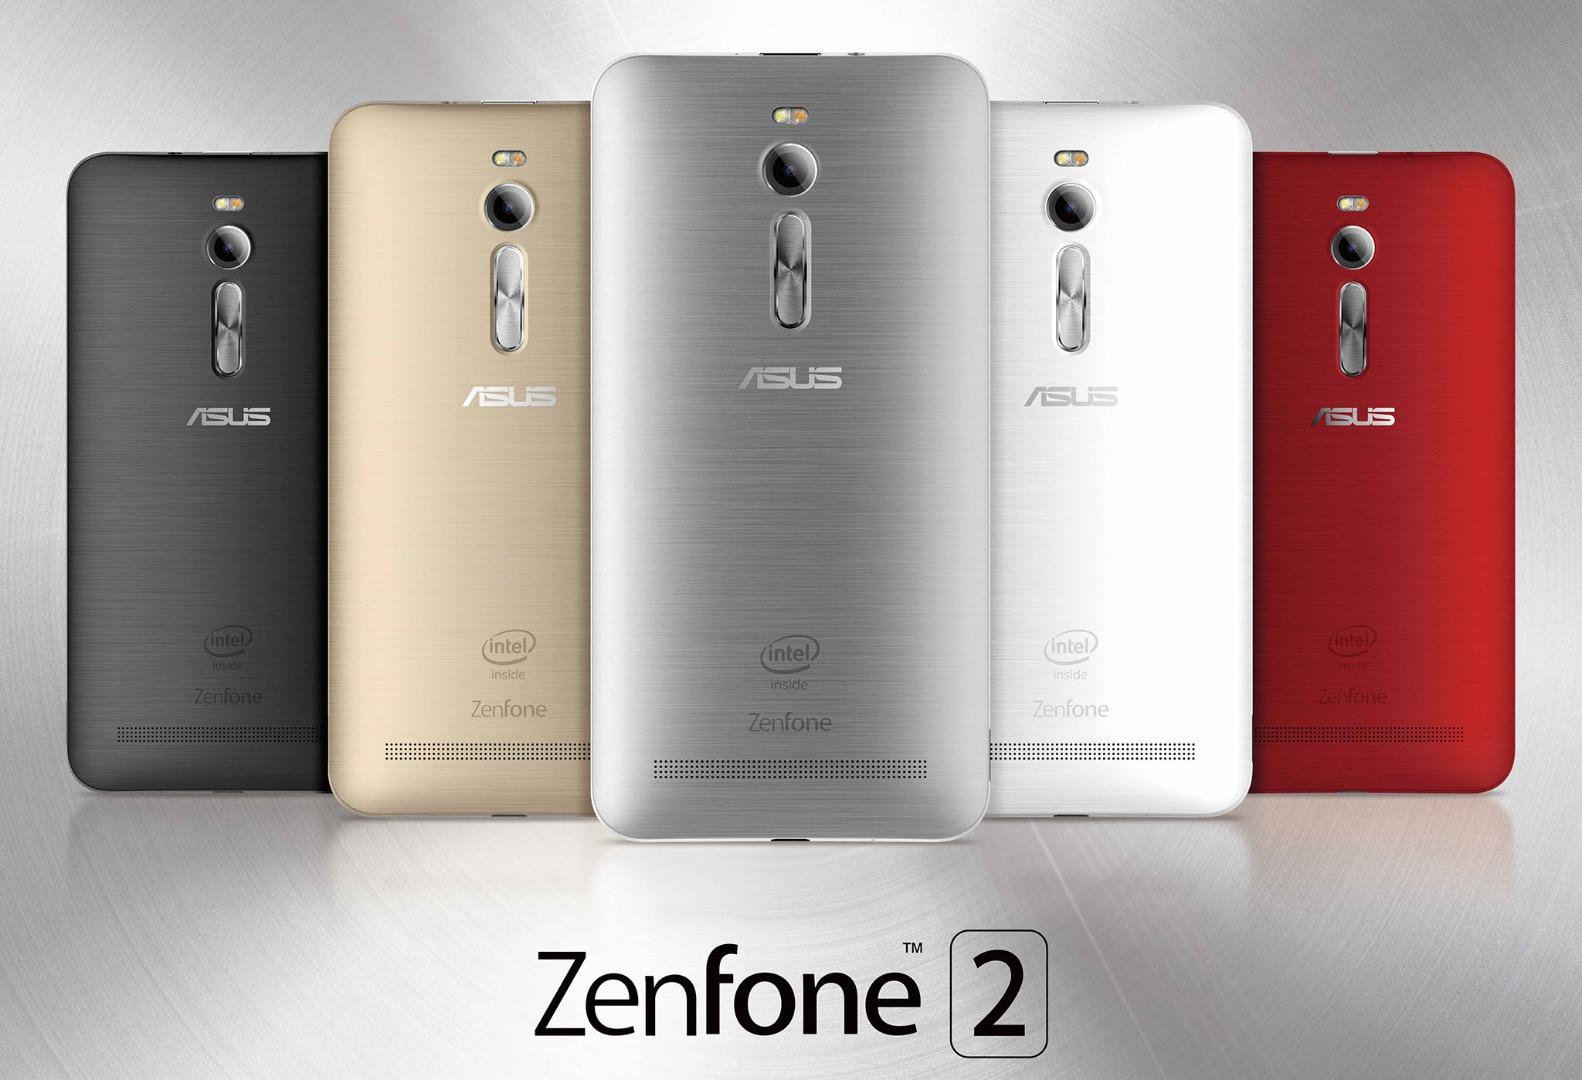 Rilis di Indonesia April, ZenFone 2 Juga Ada Versi Chip Qualcomm dan MediaTek